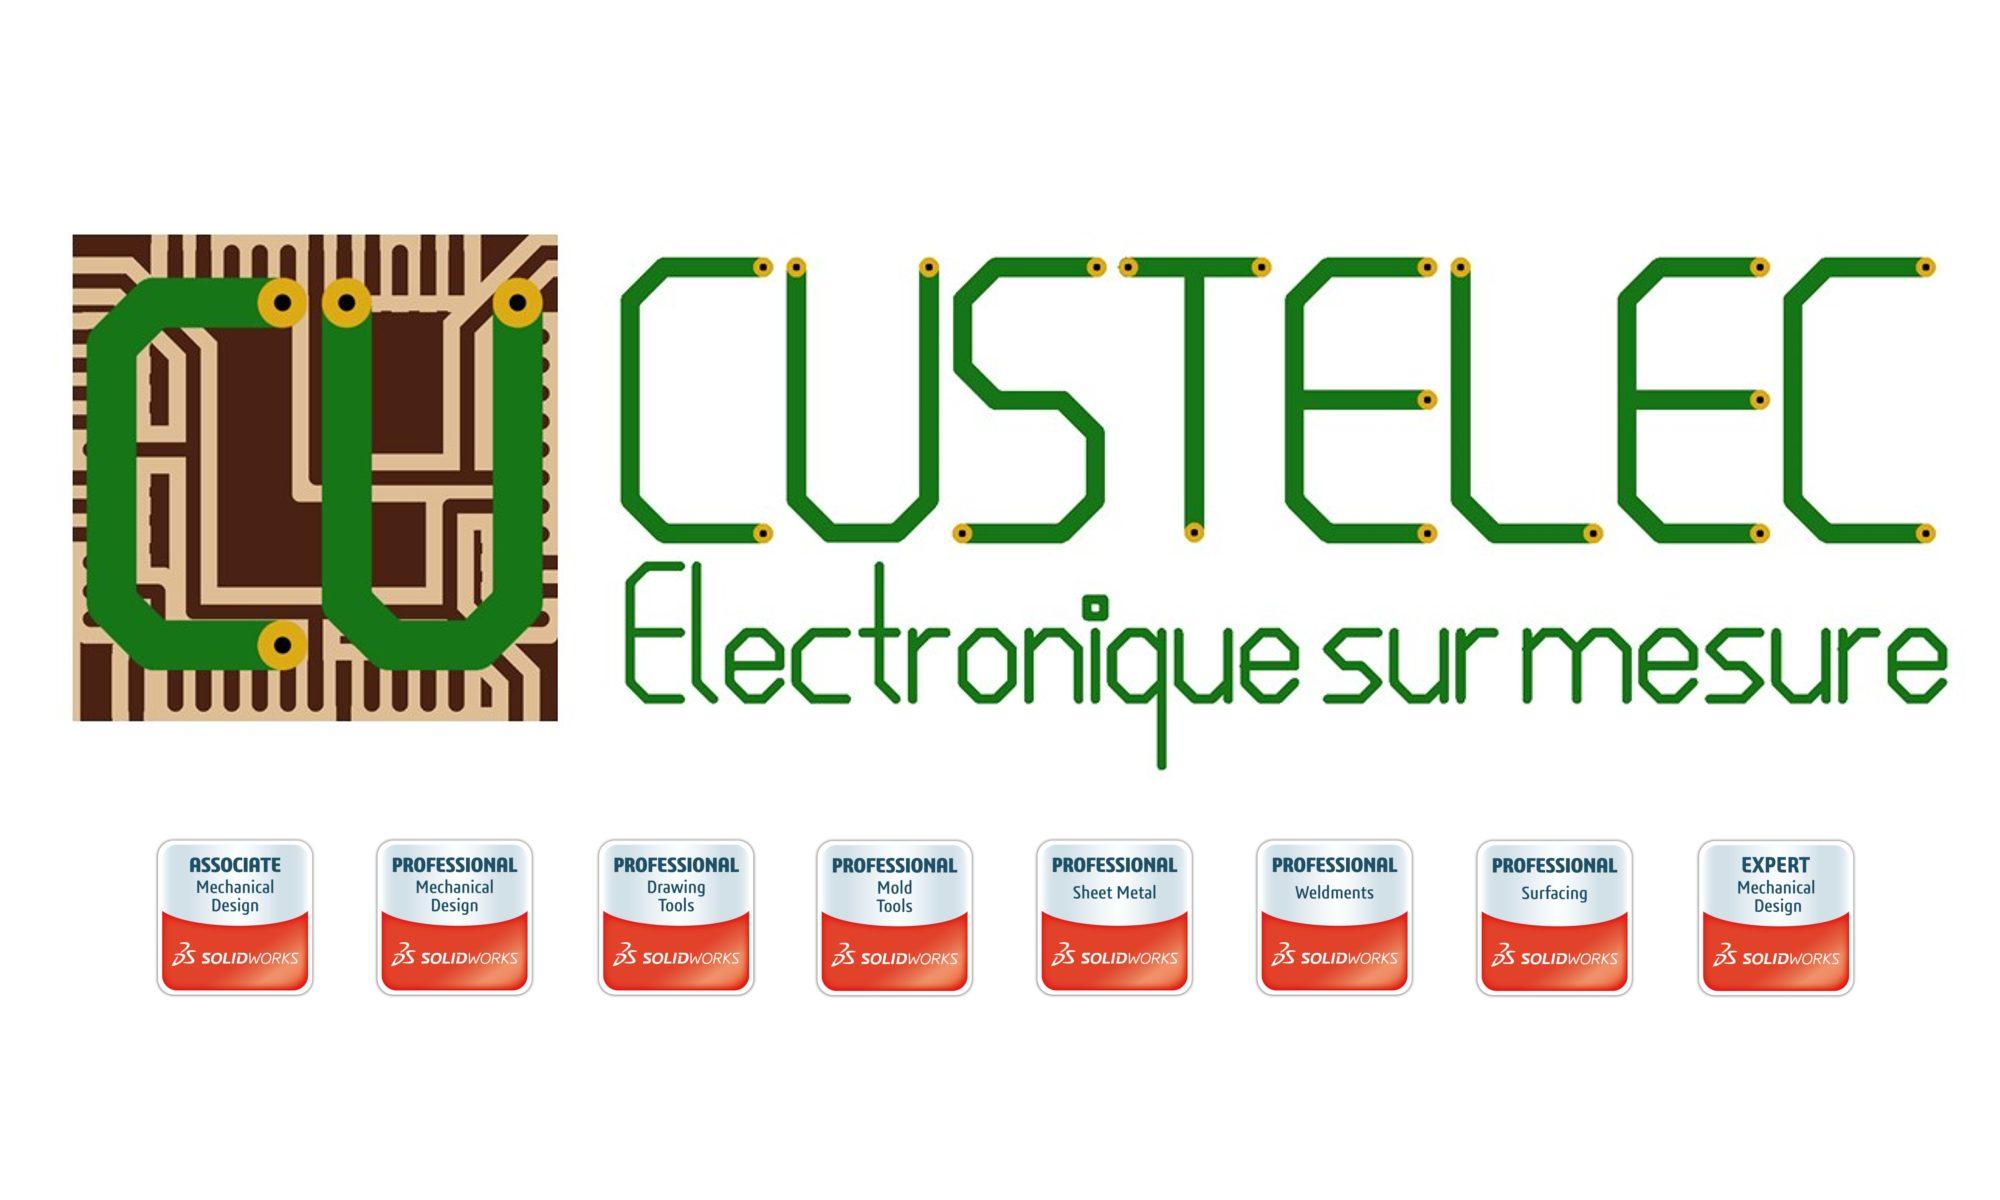 Custelec